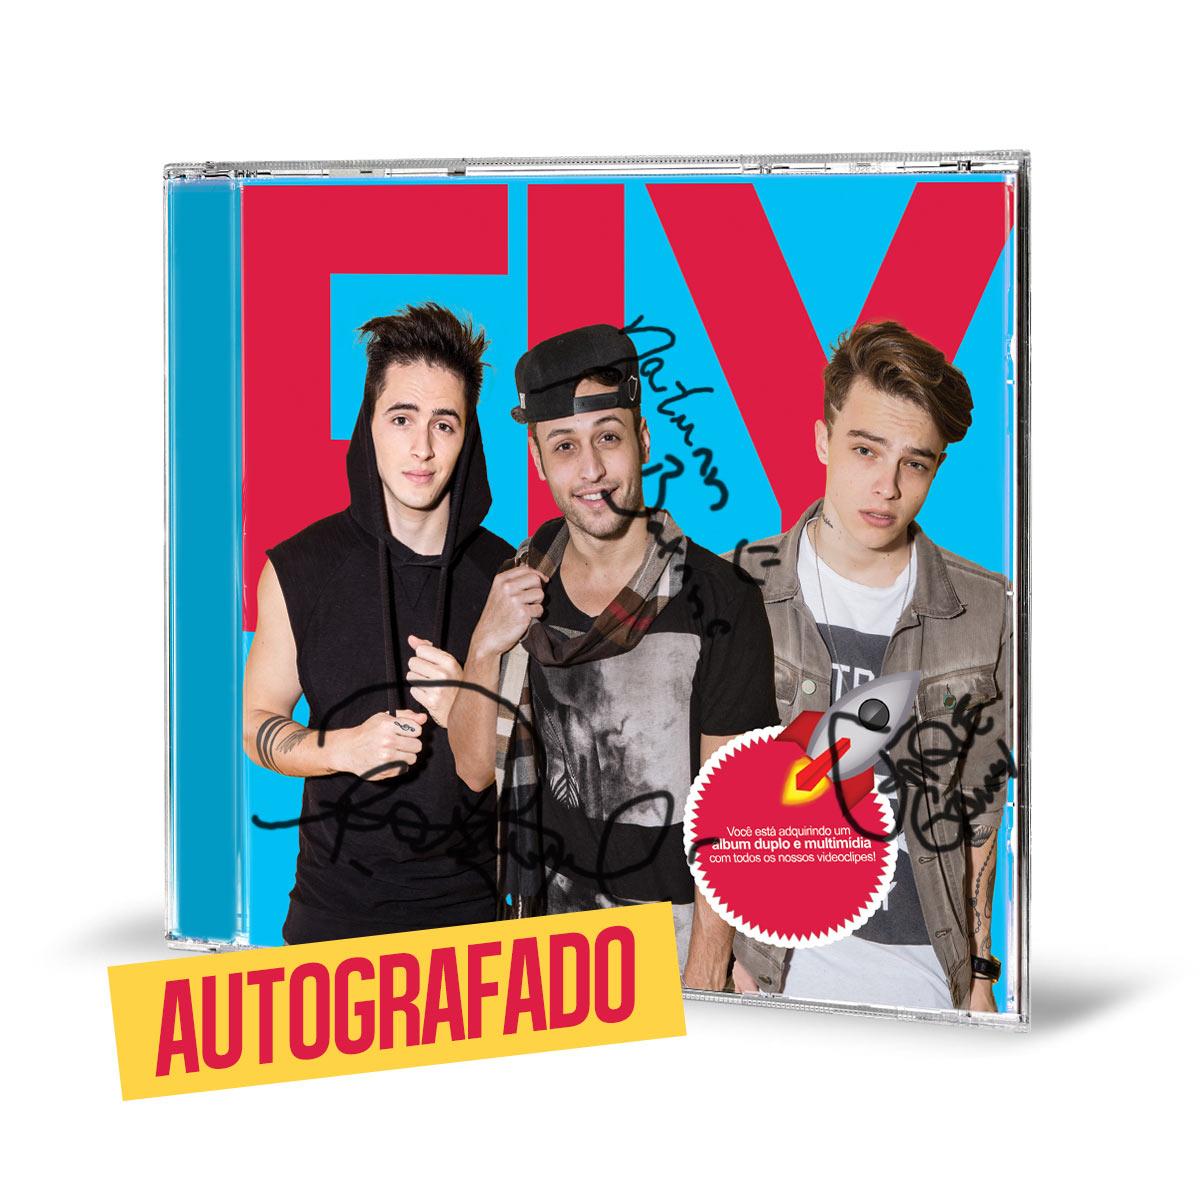 Combo Banda Fly CD Cabelos de Algodão AUTOGRAFADO + Camiseta Feminina - 2º LOTE